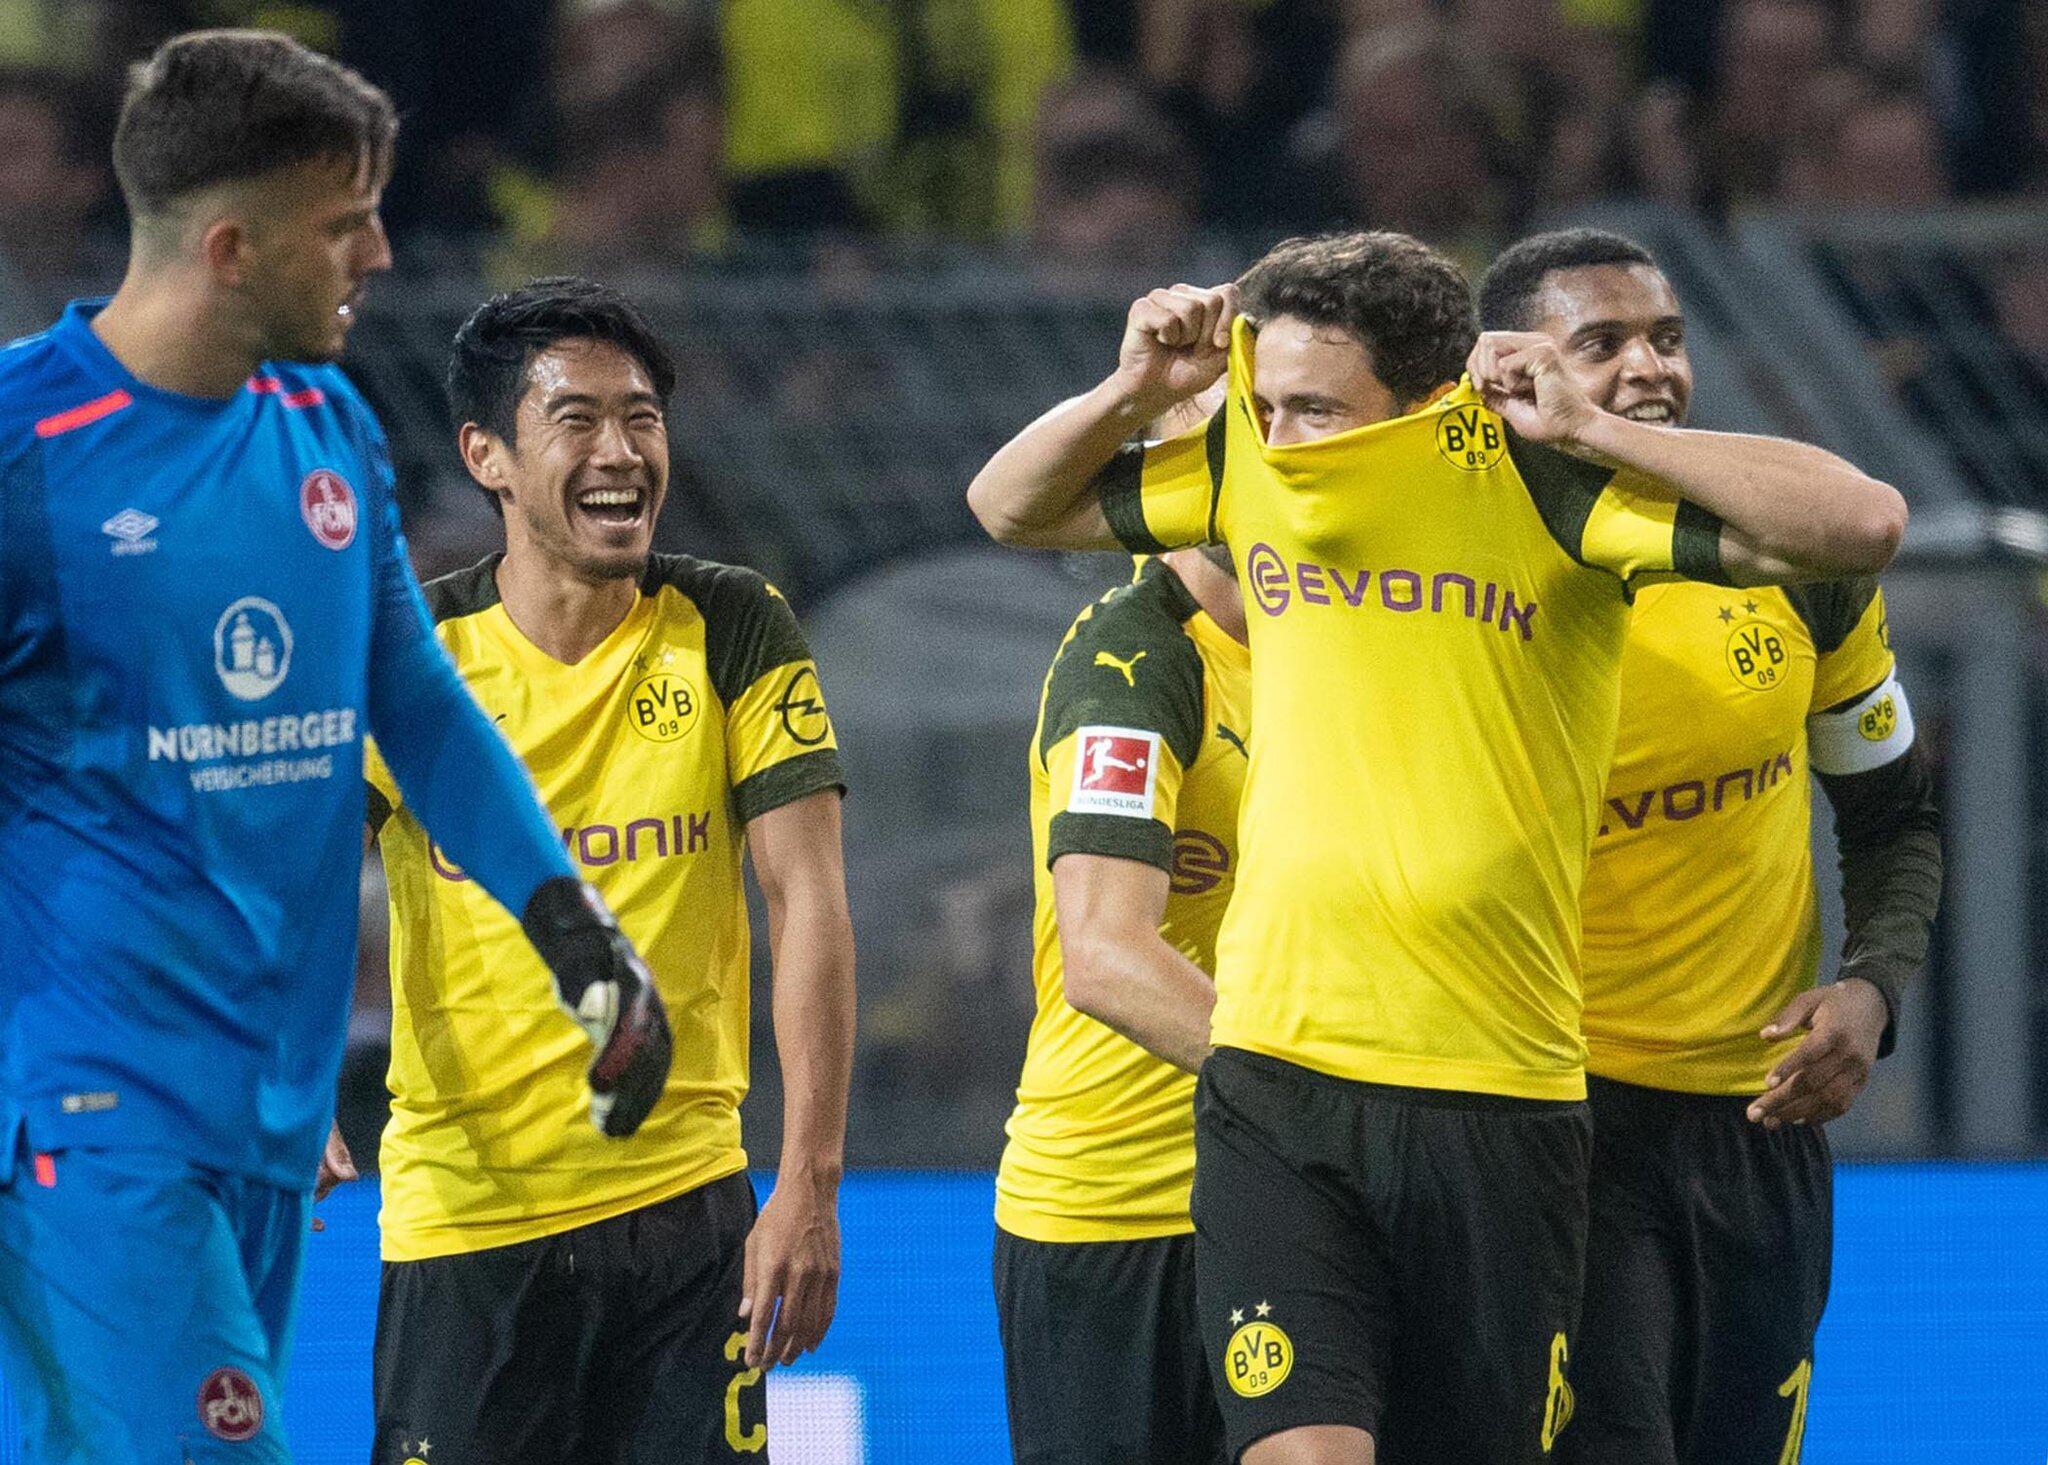 Bild zu Borussia Dortmund - 1. FC Nürnberg